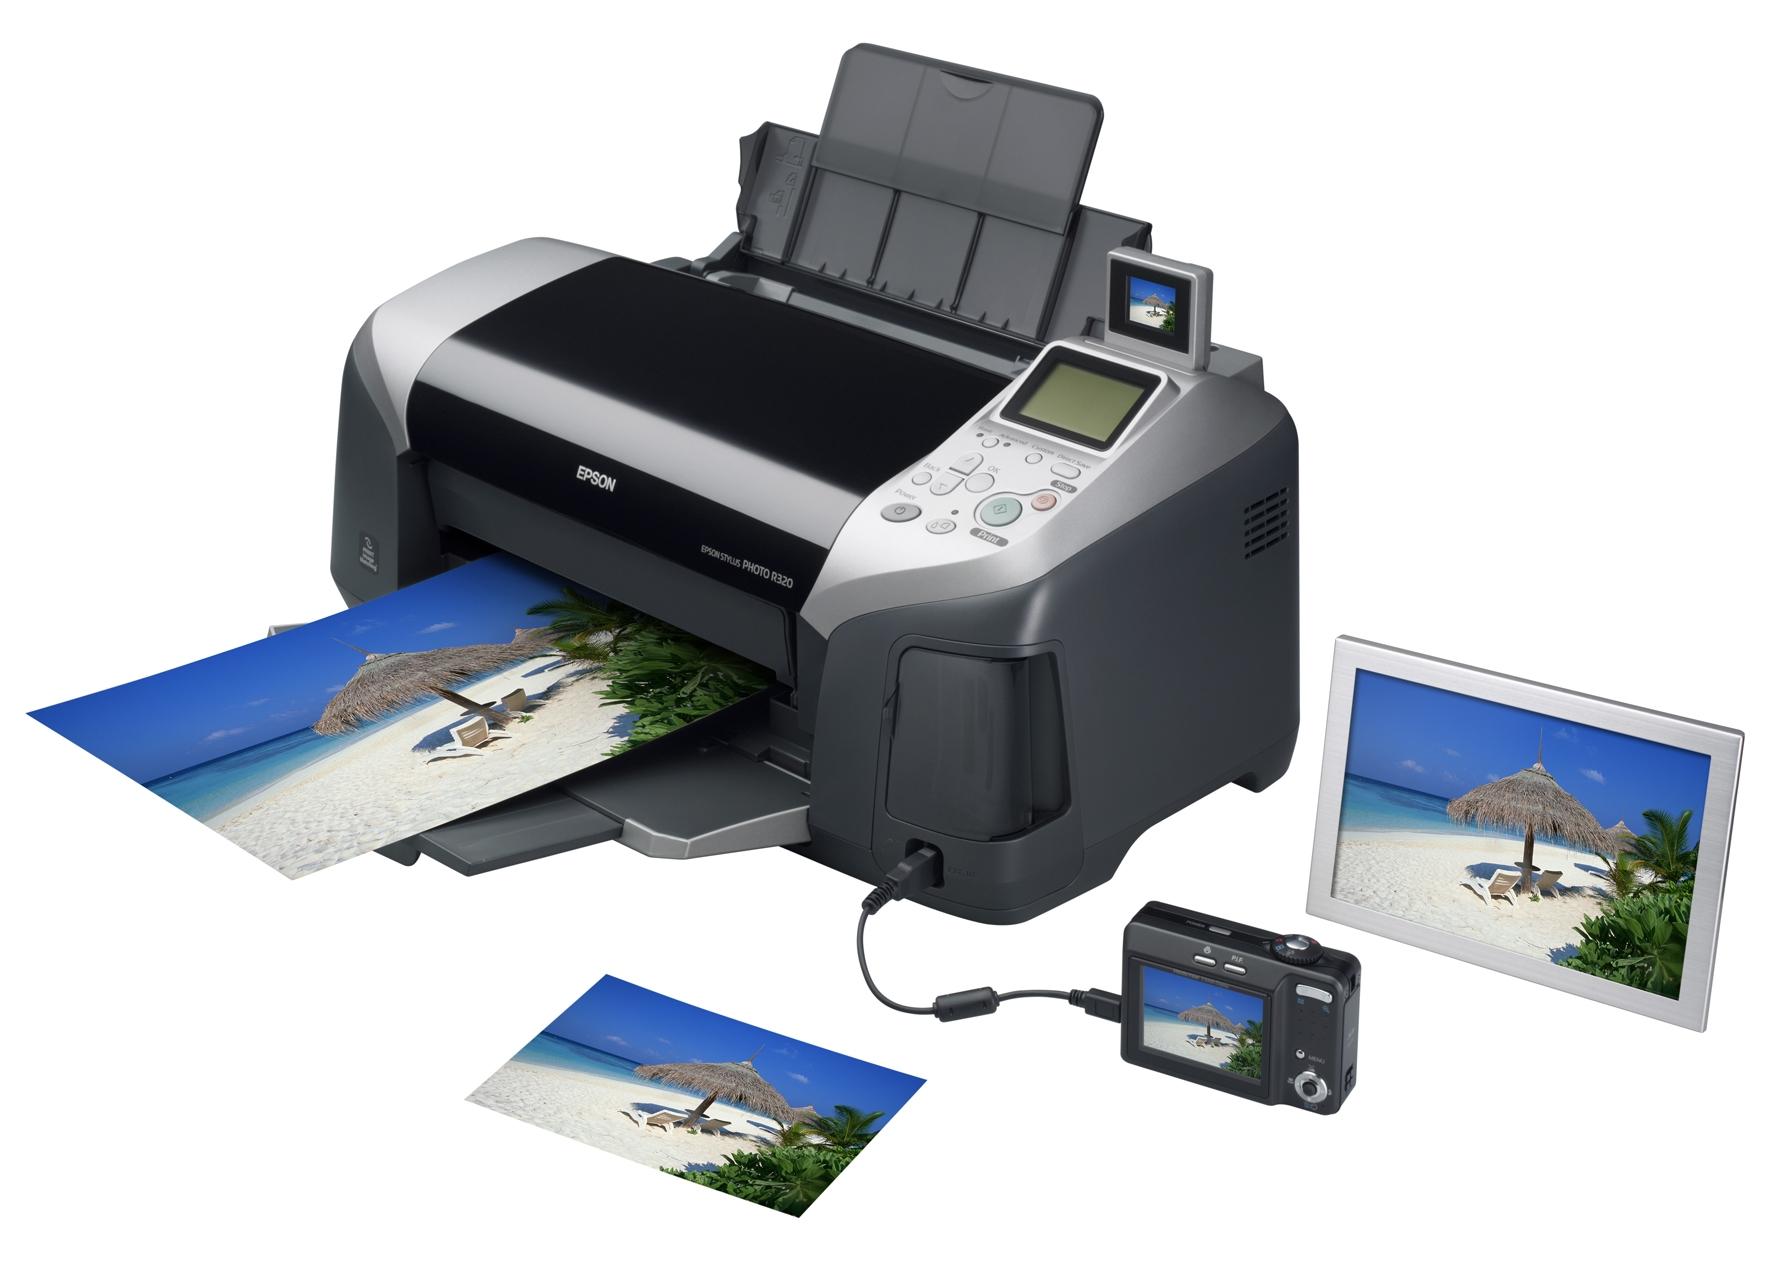 EPSON STYLUS PHOTO R260 PRINTER BASICS MANUAL Pdf Download Epson 300 photo printer